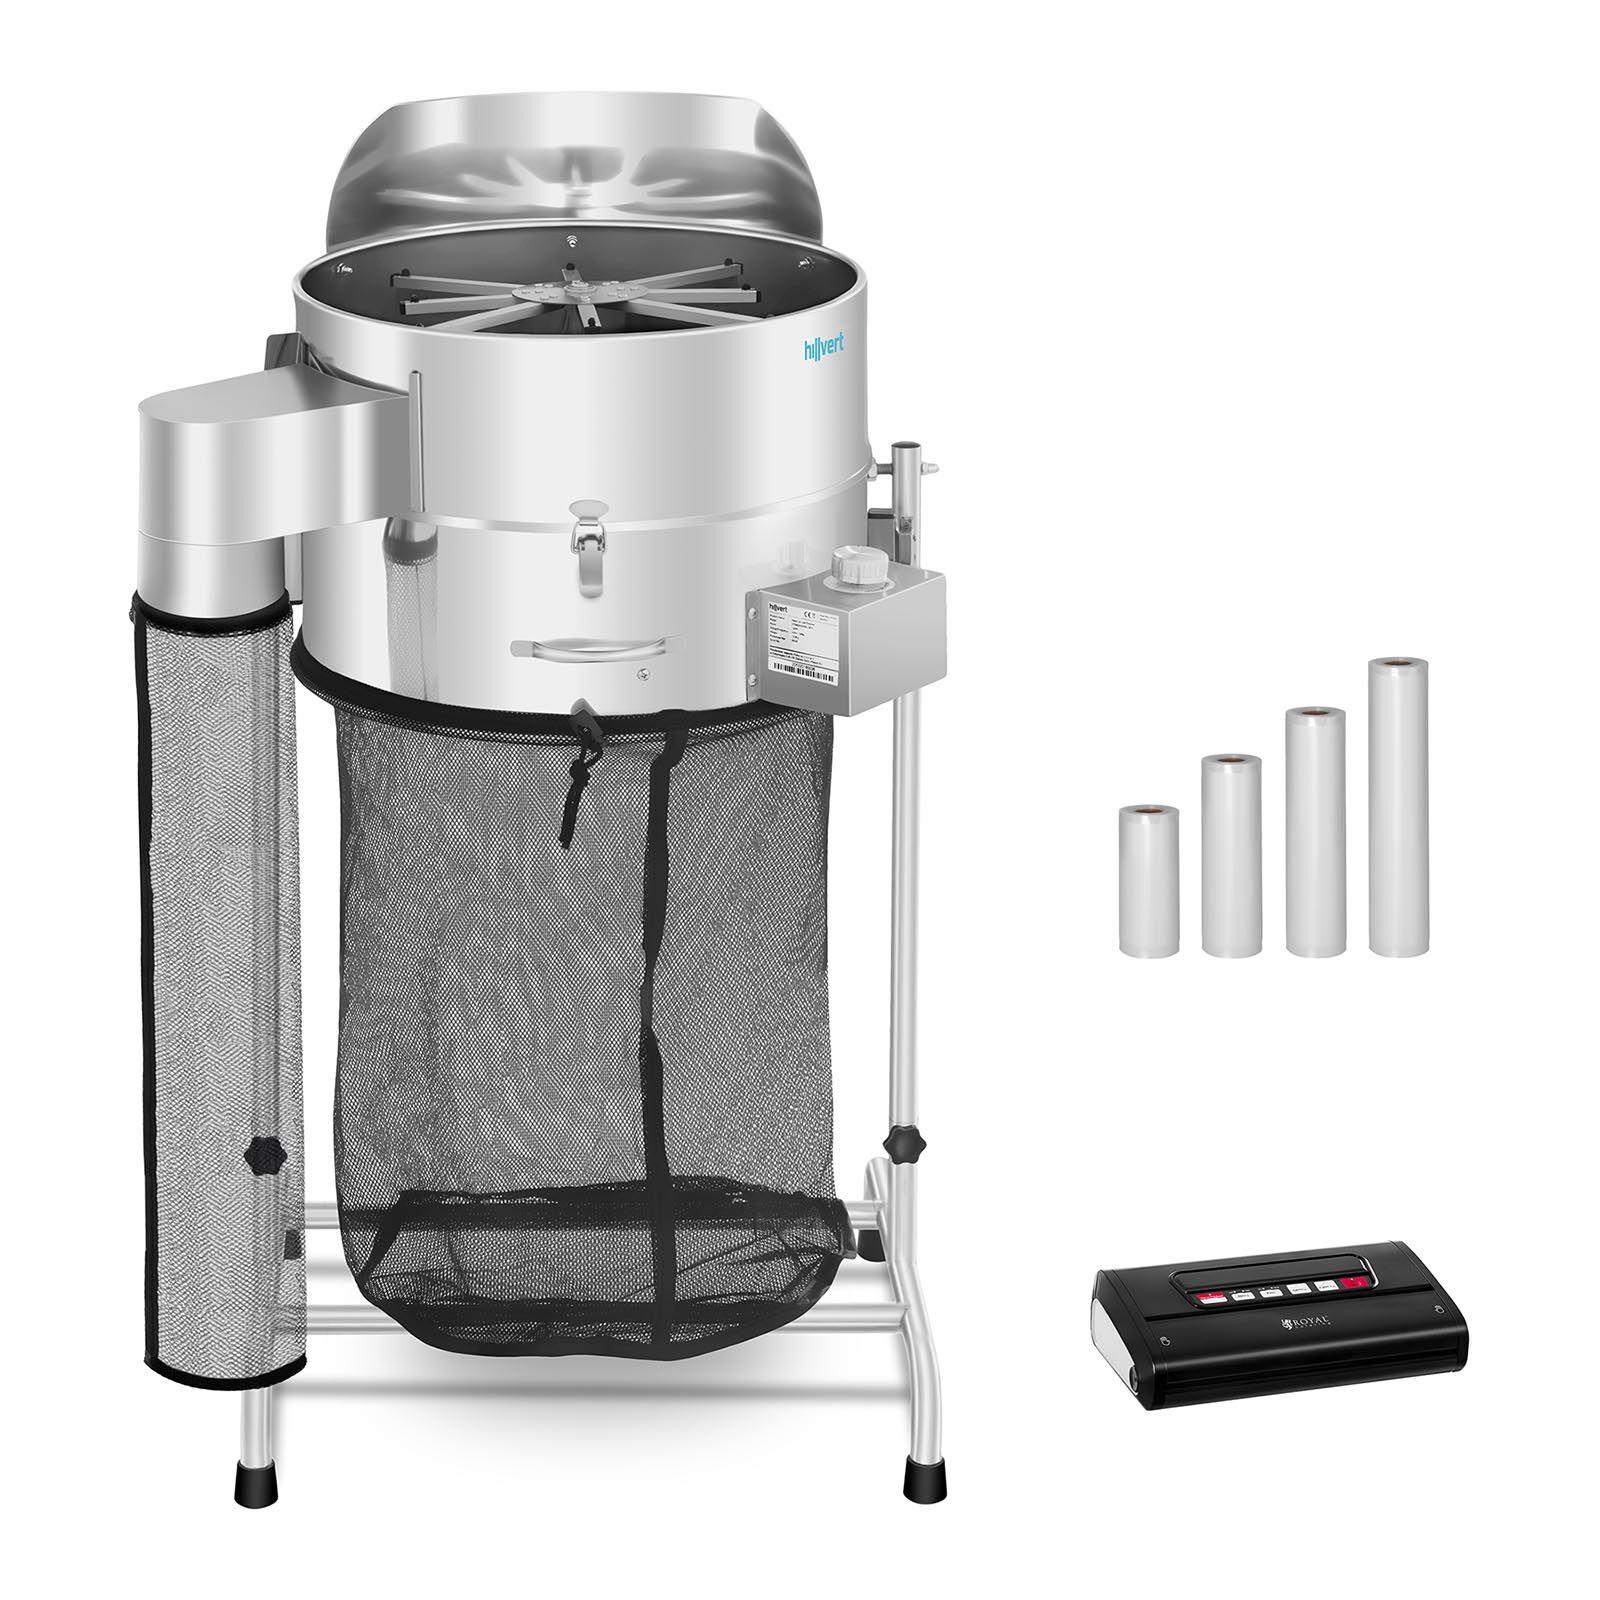 hillvert Machine à manucurer électrique - Set - Ø 42 cm - Machine sous vide alimentaire avec sachets - Balance de table